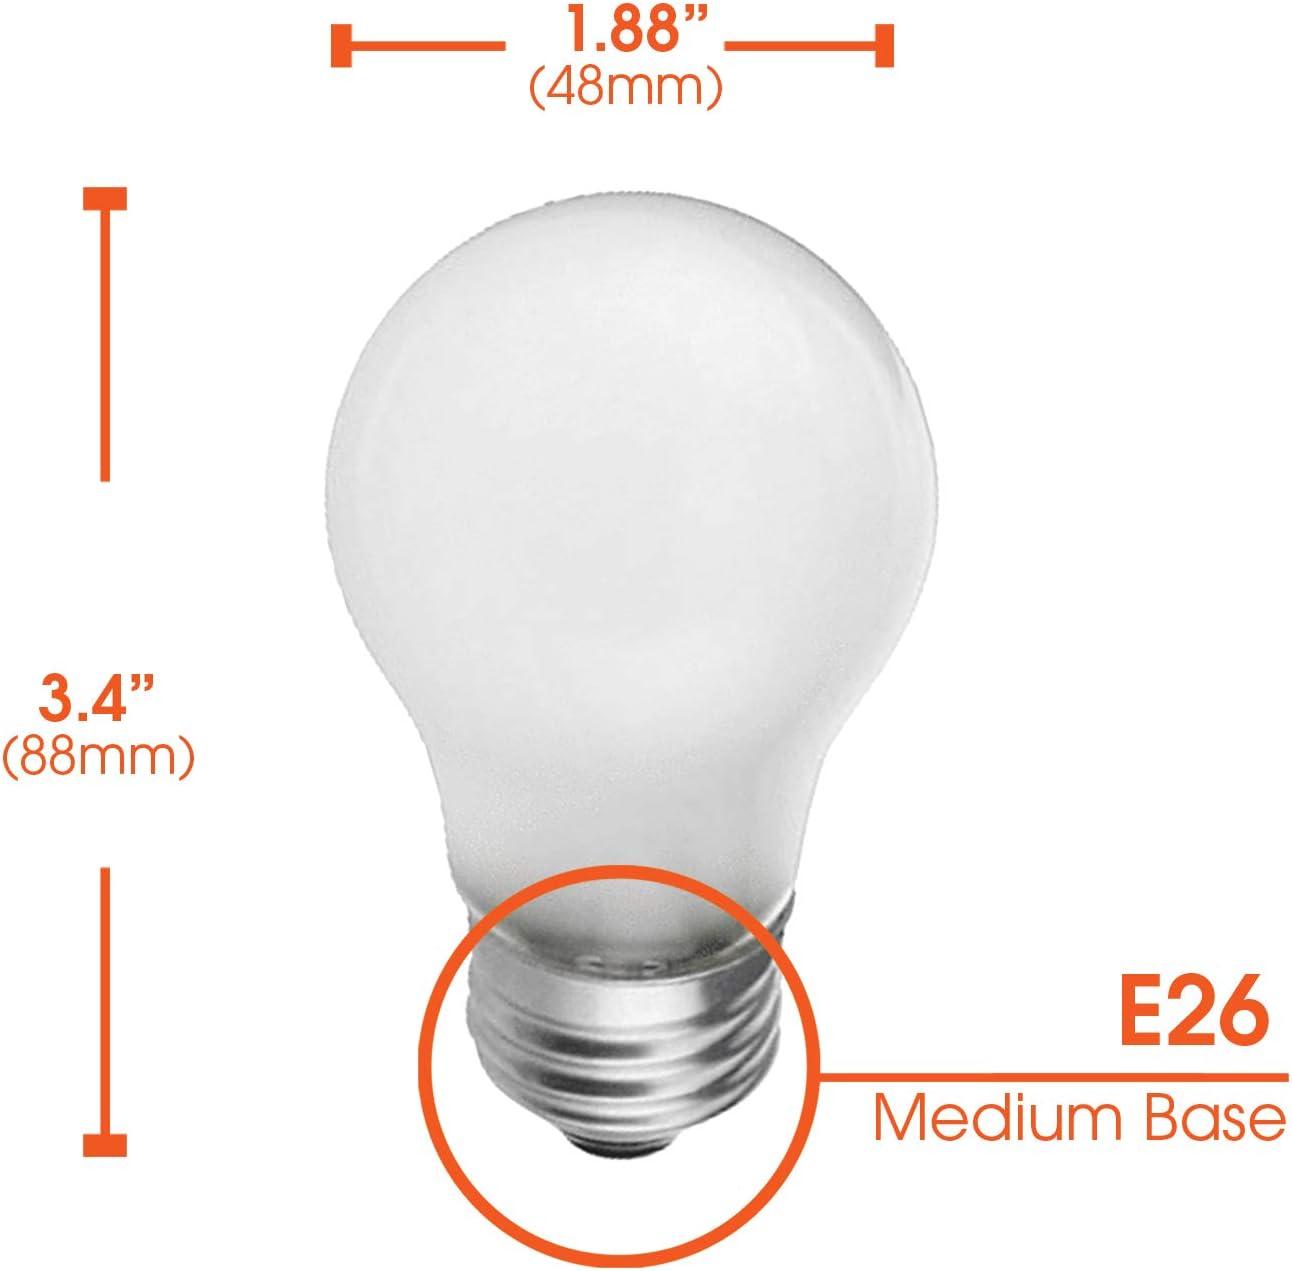 130V 40 Watt 320 Lumens 2700K Soft White E26 Medium Base 6 Pack Frosted A15 Incandescent Appliance Light Bulb